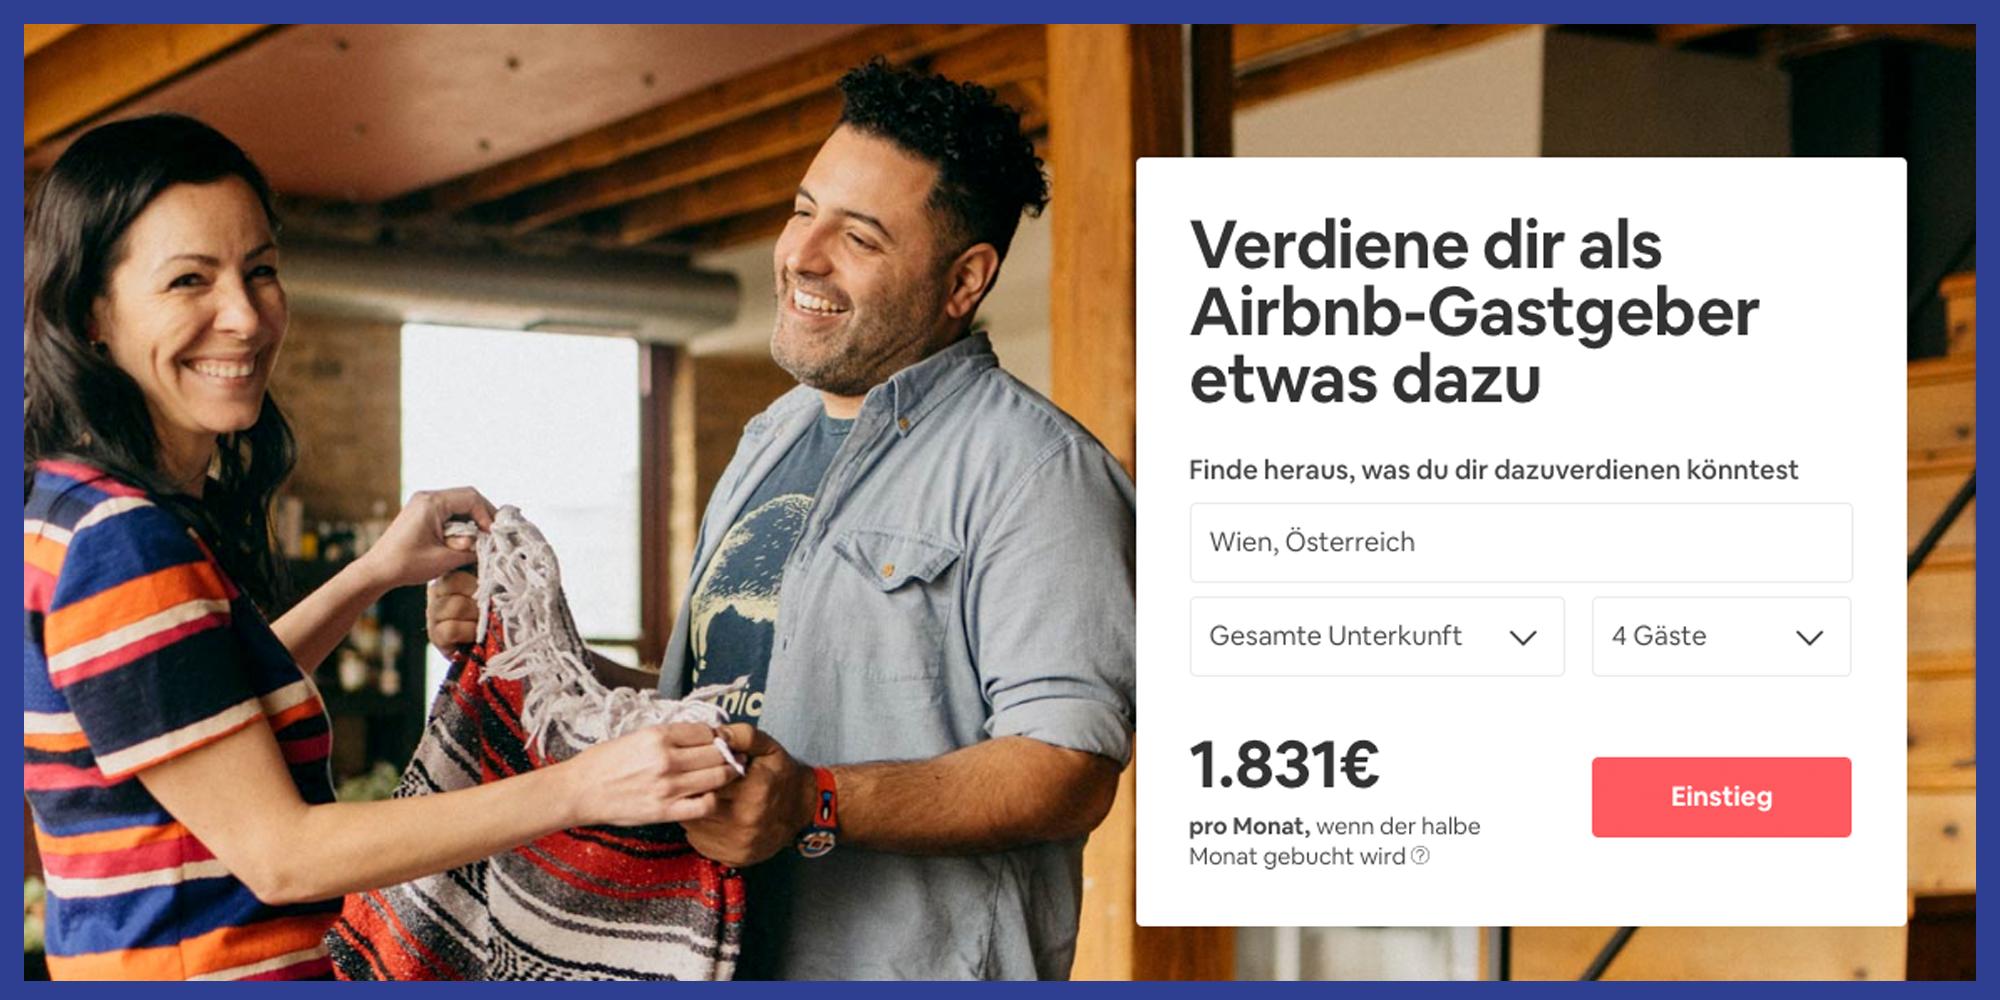 Nebenjob airbnb Vermieter